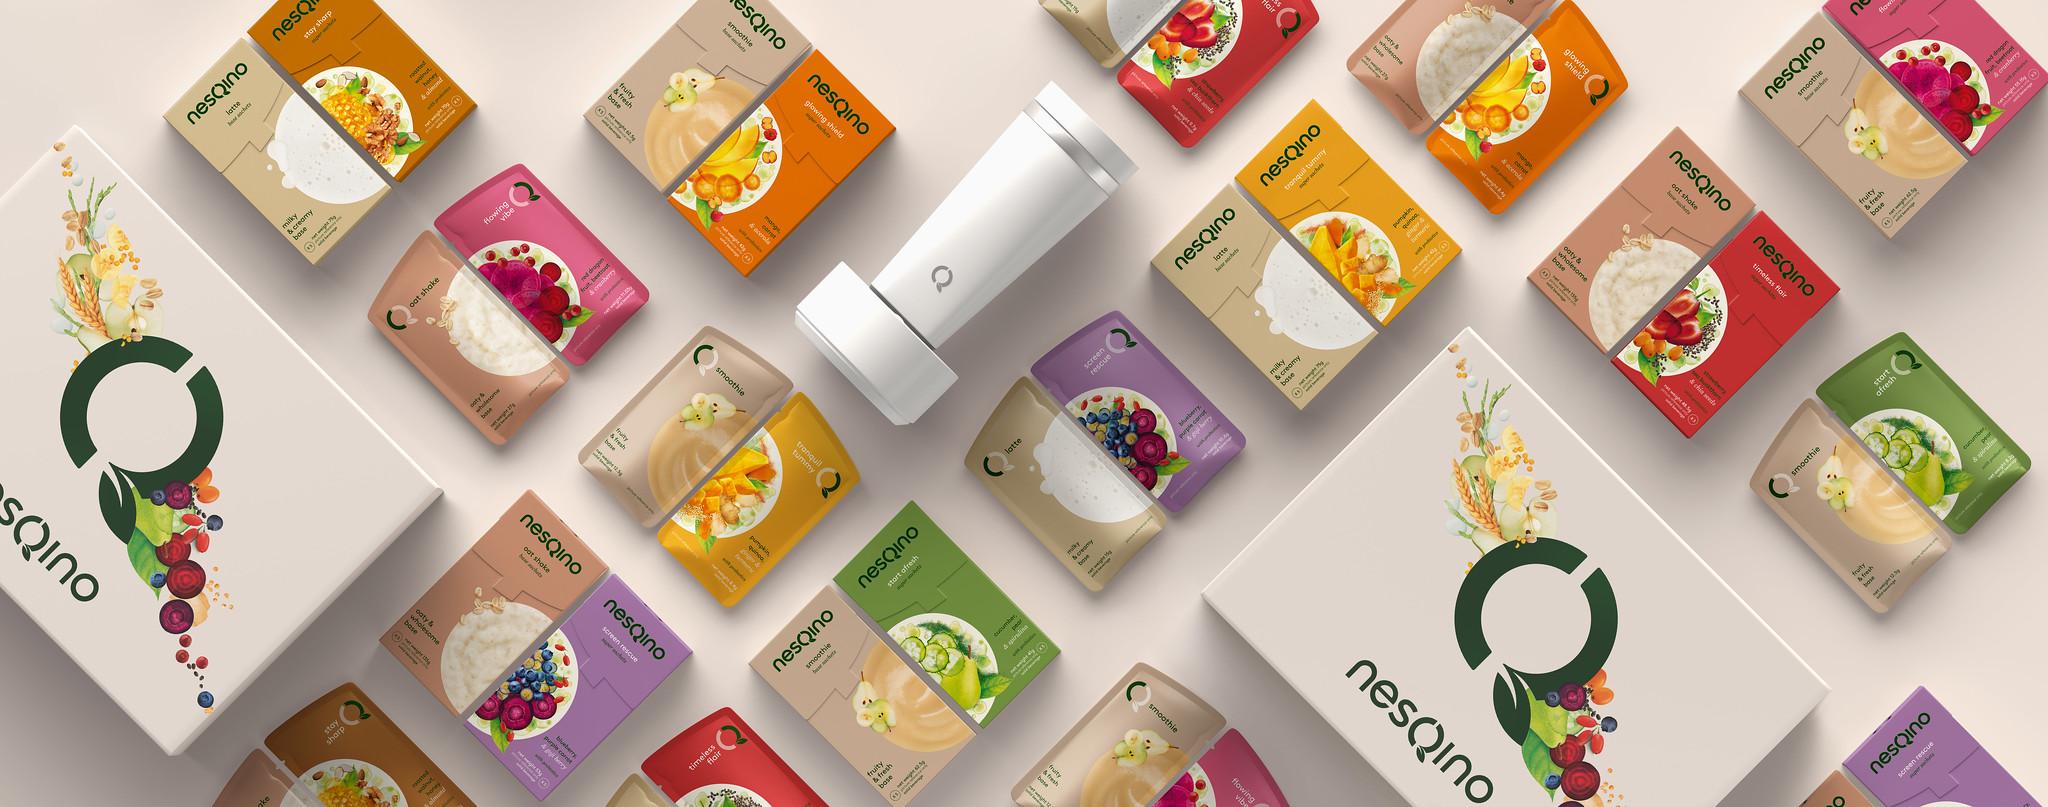 Nesquino - Nestlé lance nesQino pour créer des boissons saines et personnalisables